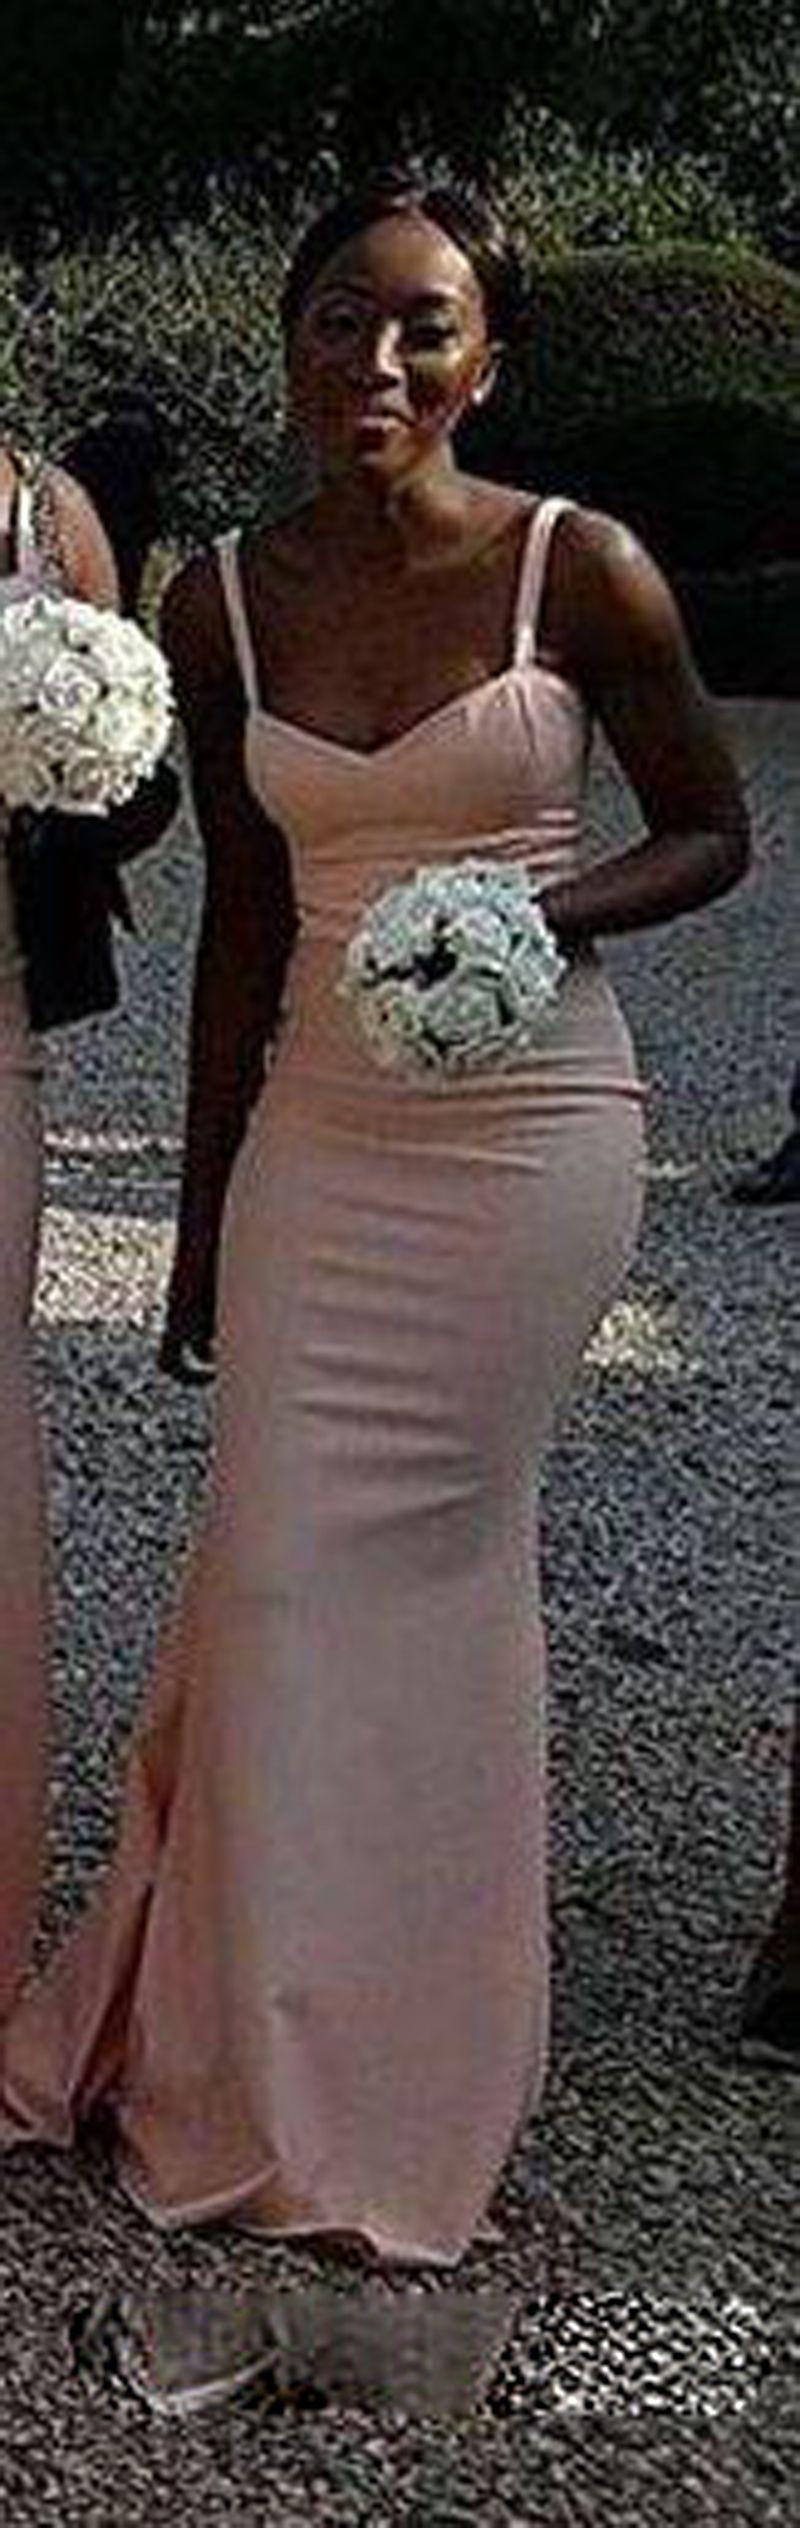 Belle Sud-africaine Robes De Demoiselle D'honneur Satin Sirène Mariage Robe D'invité Spaghetti Bretelles Pays Demoiselles D'honneur Robes Longue robe madrinha